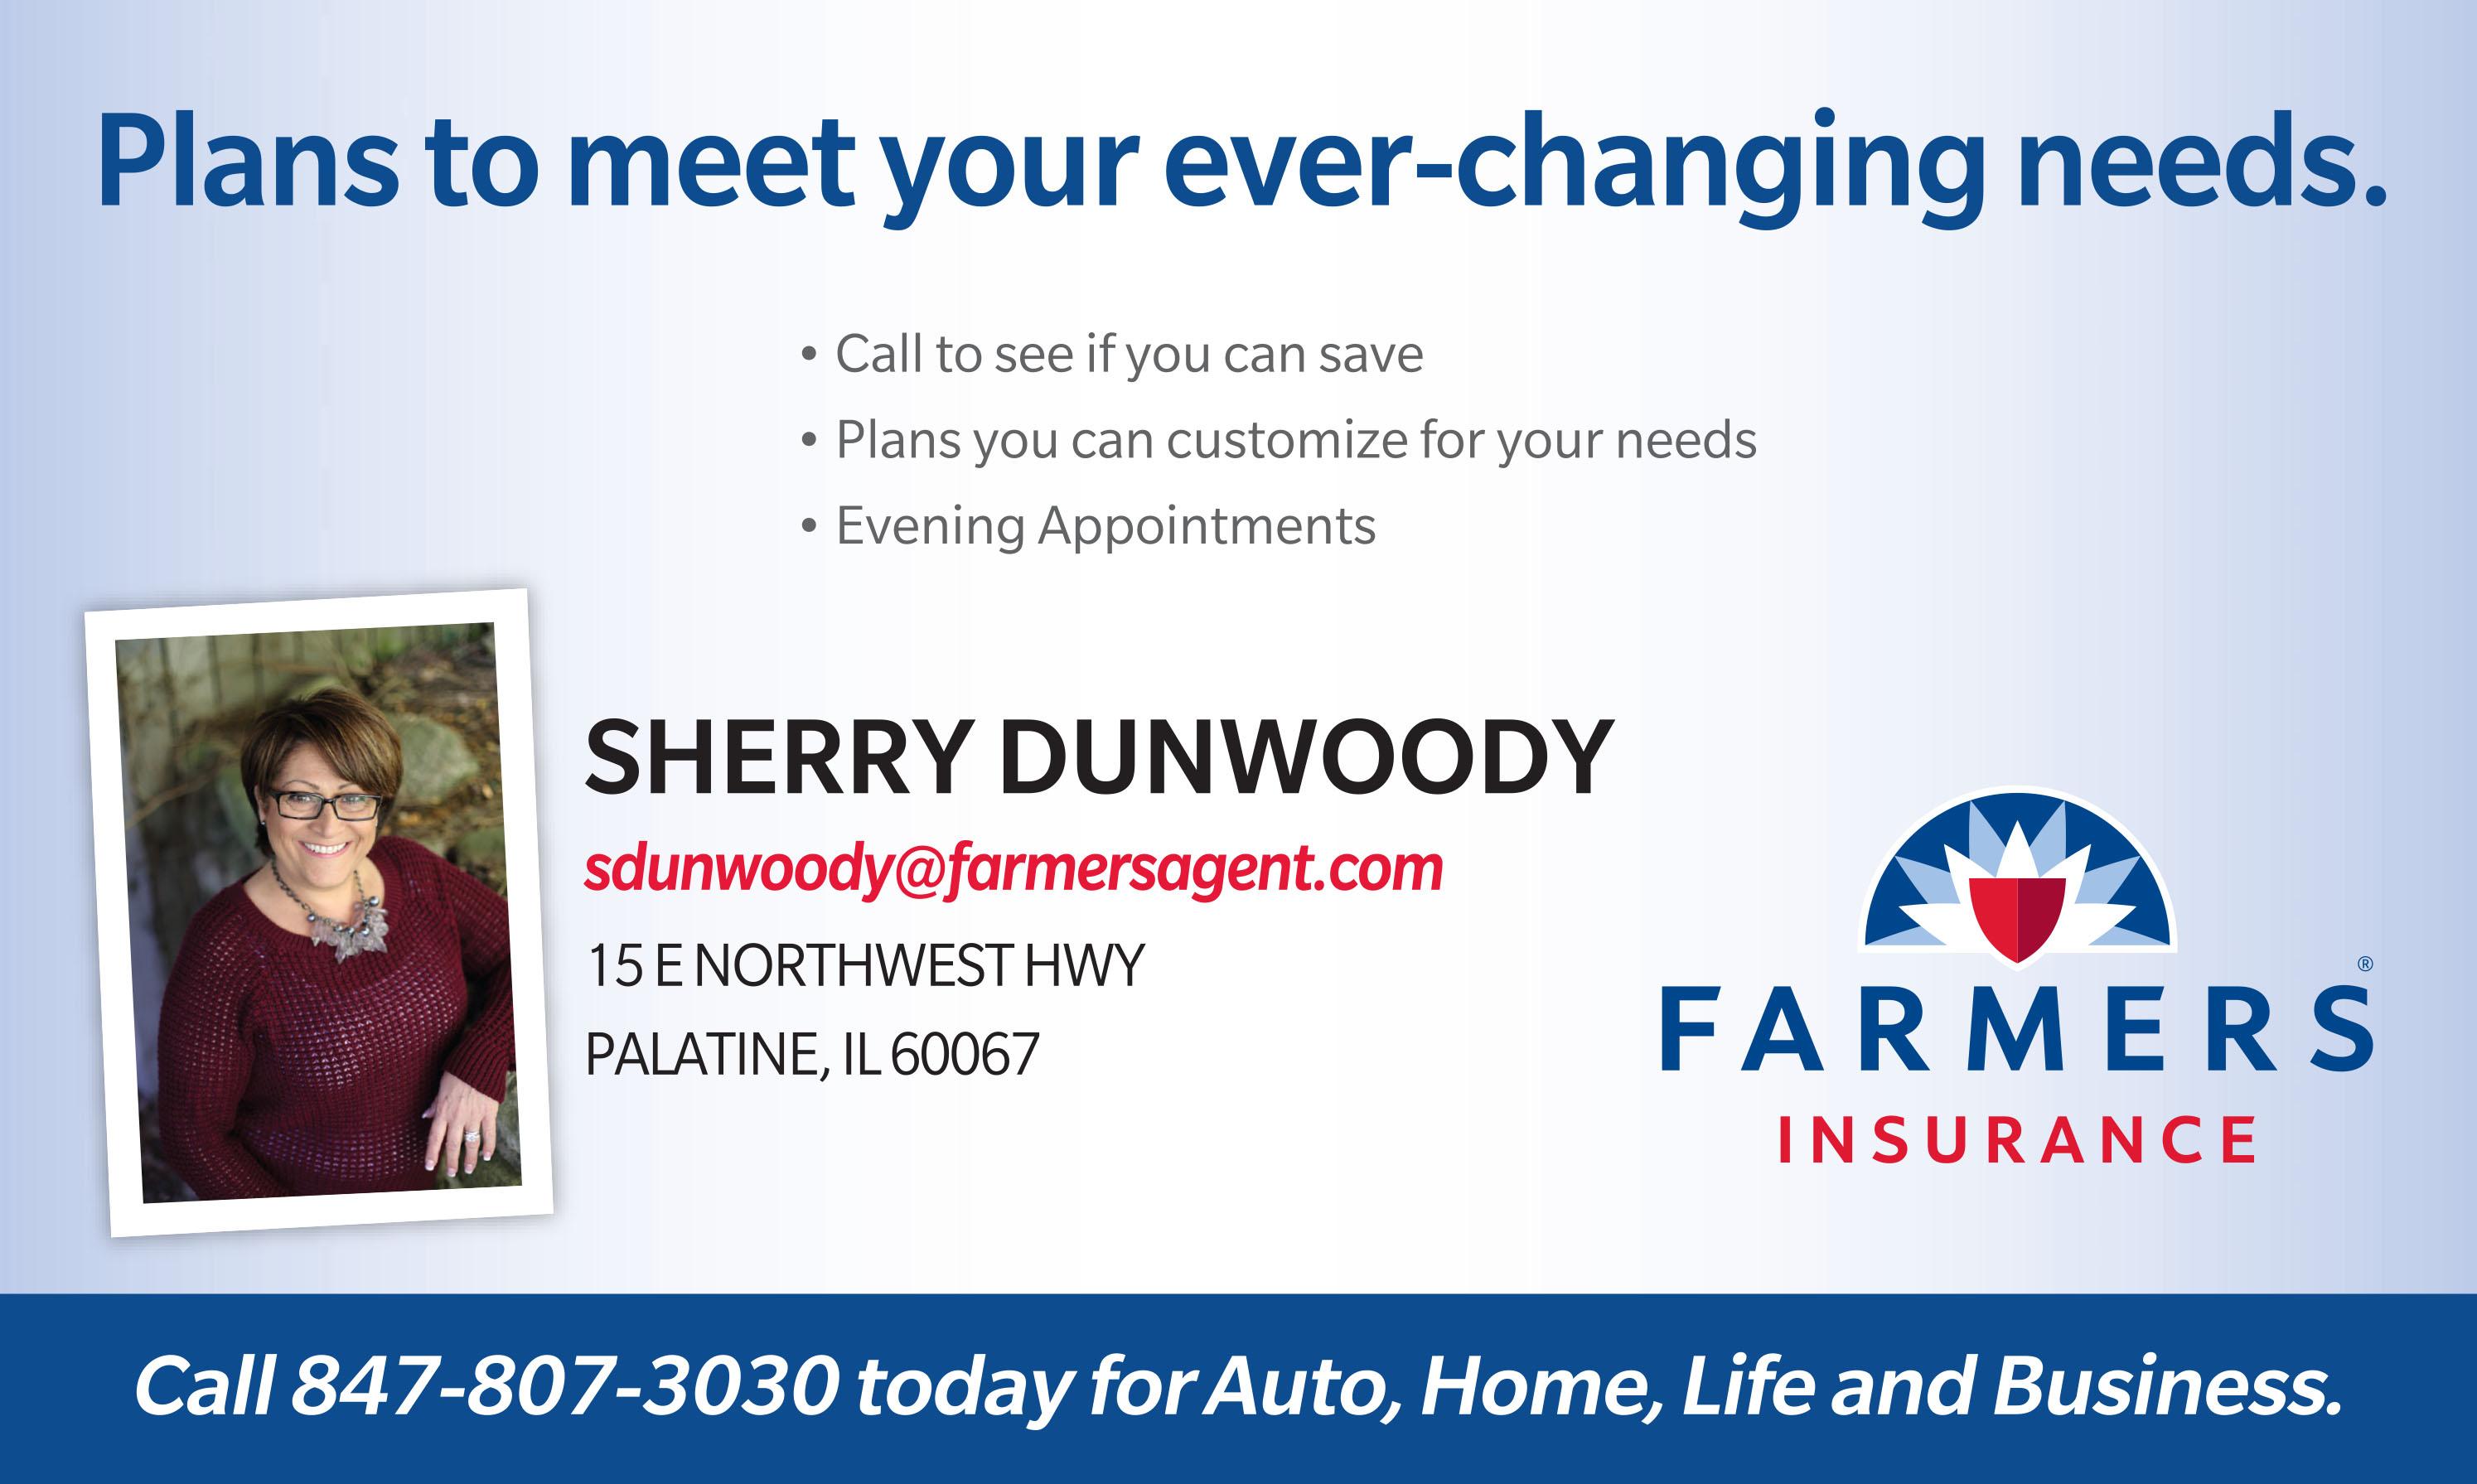 Sherry Dunwoody Farmer's Insurance